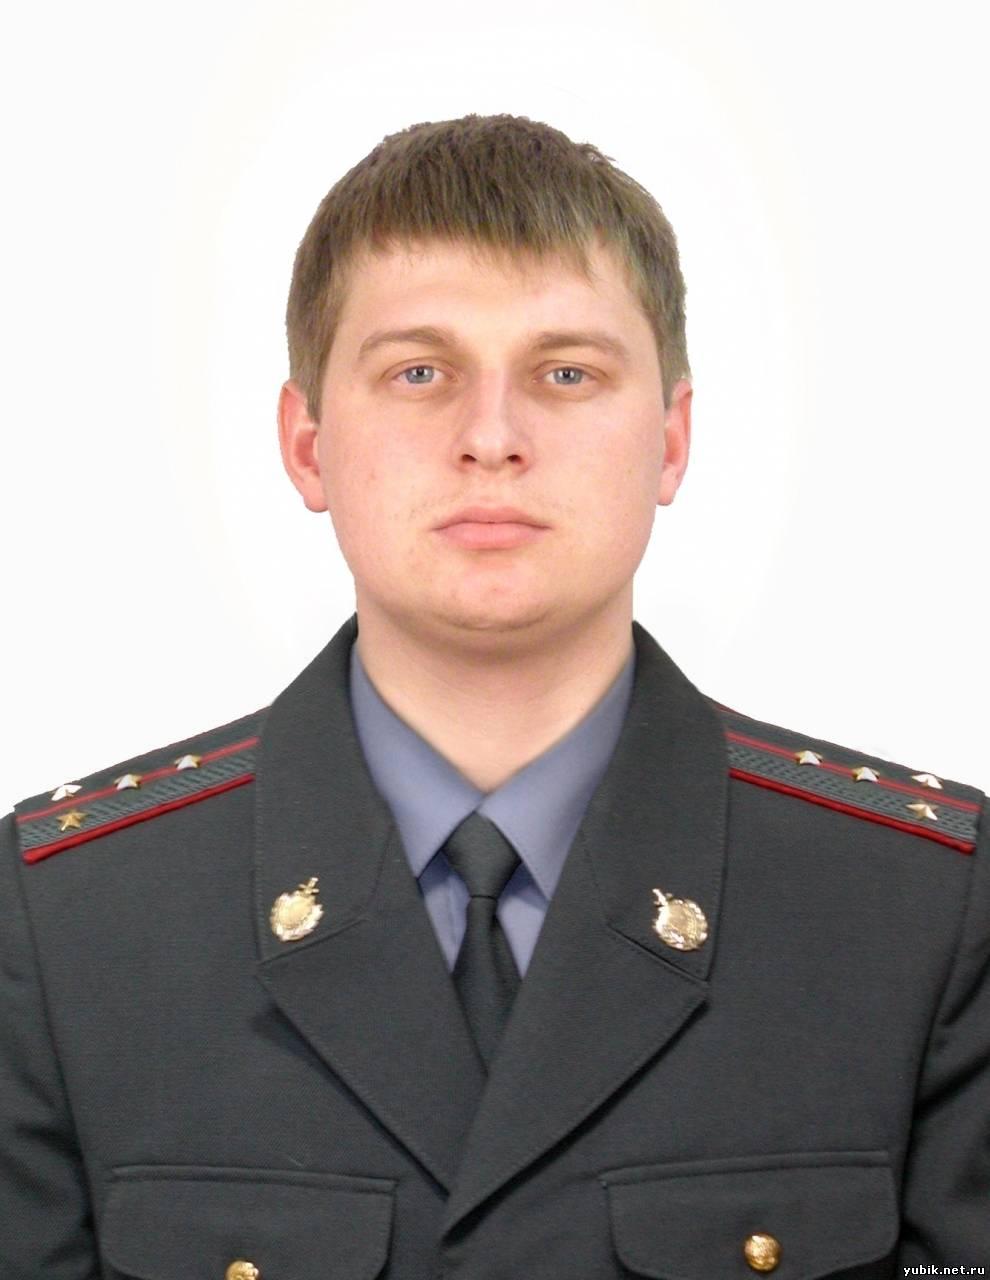 Фотография капитана полиции